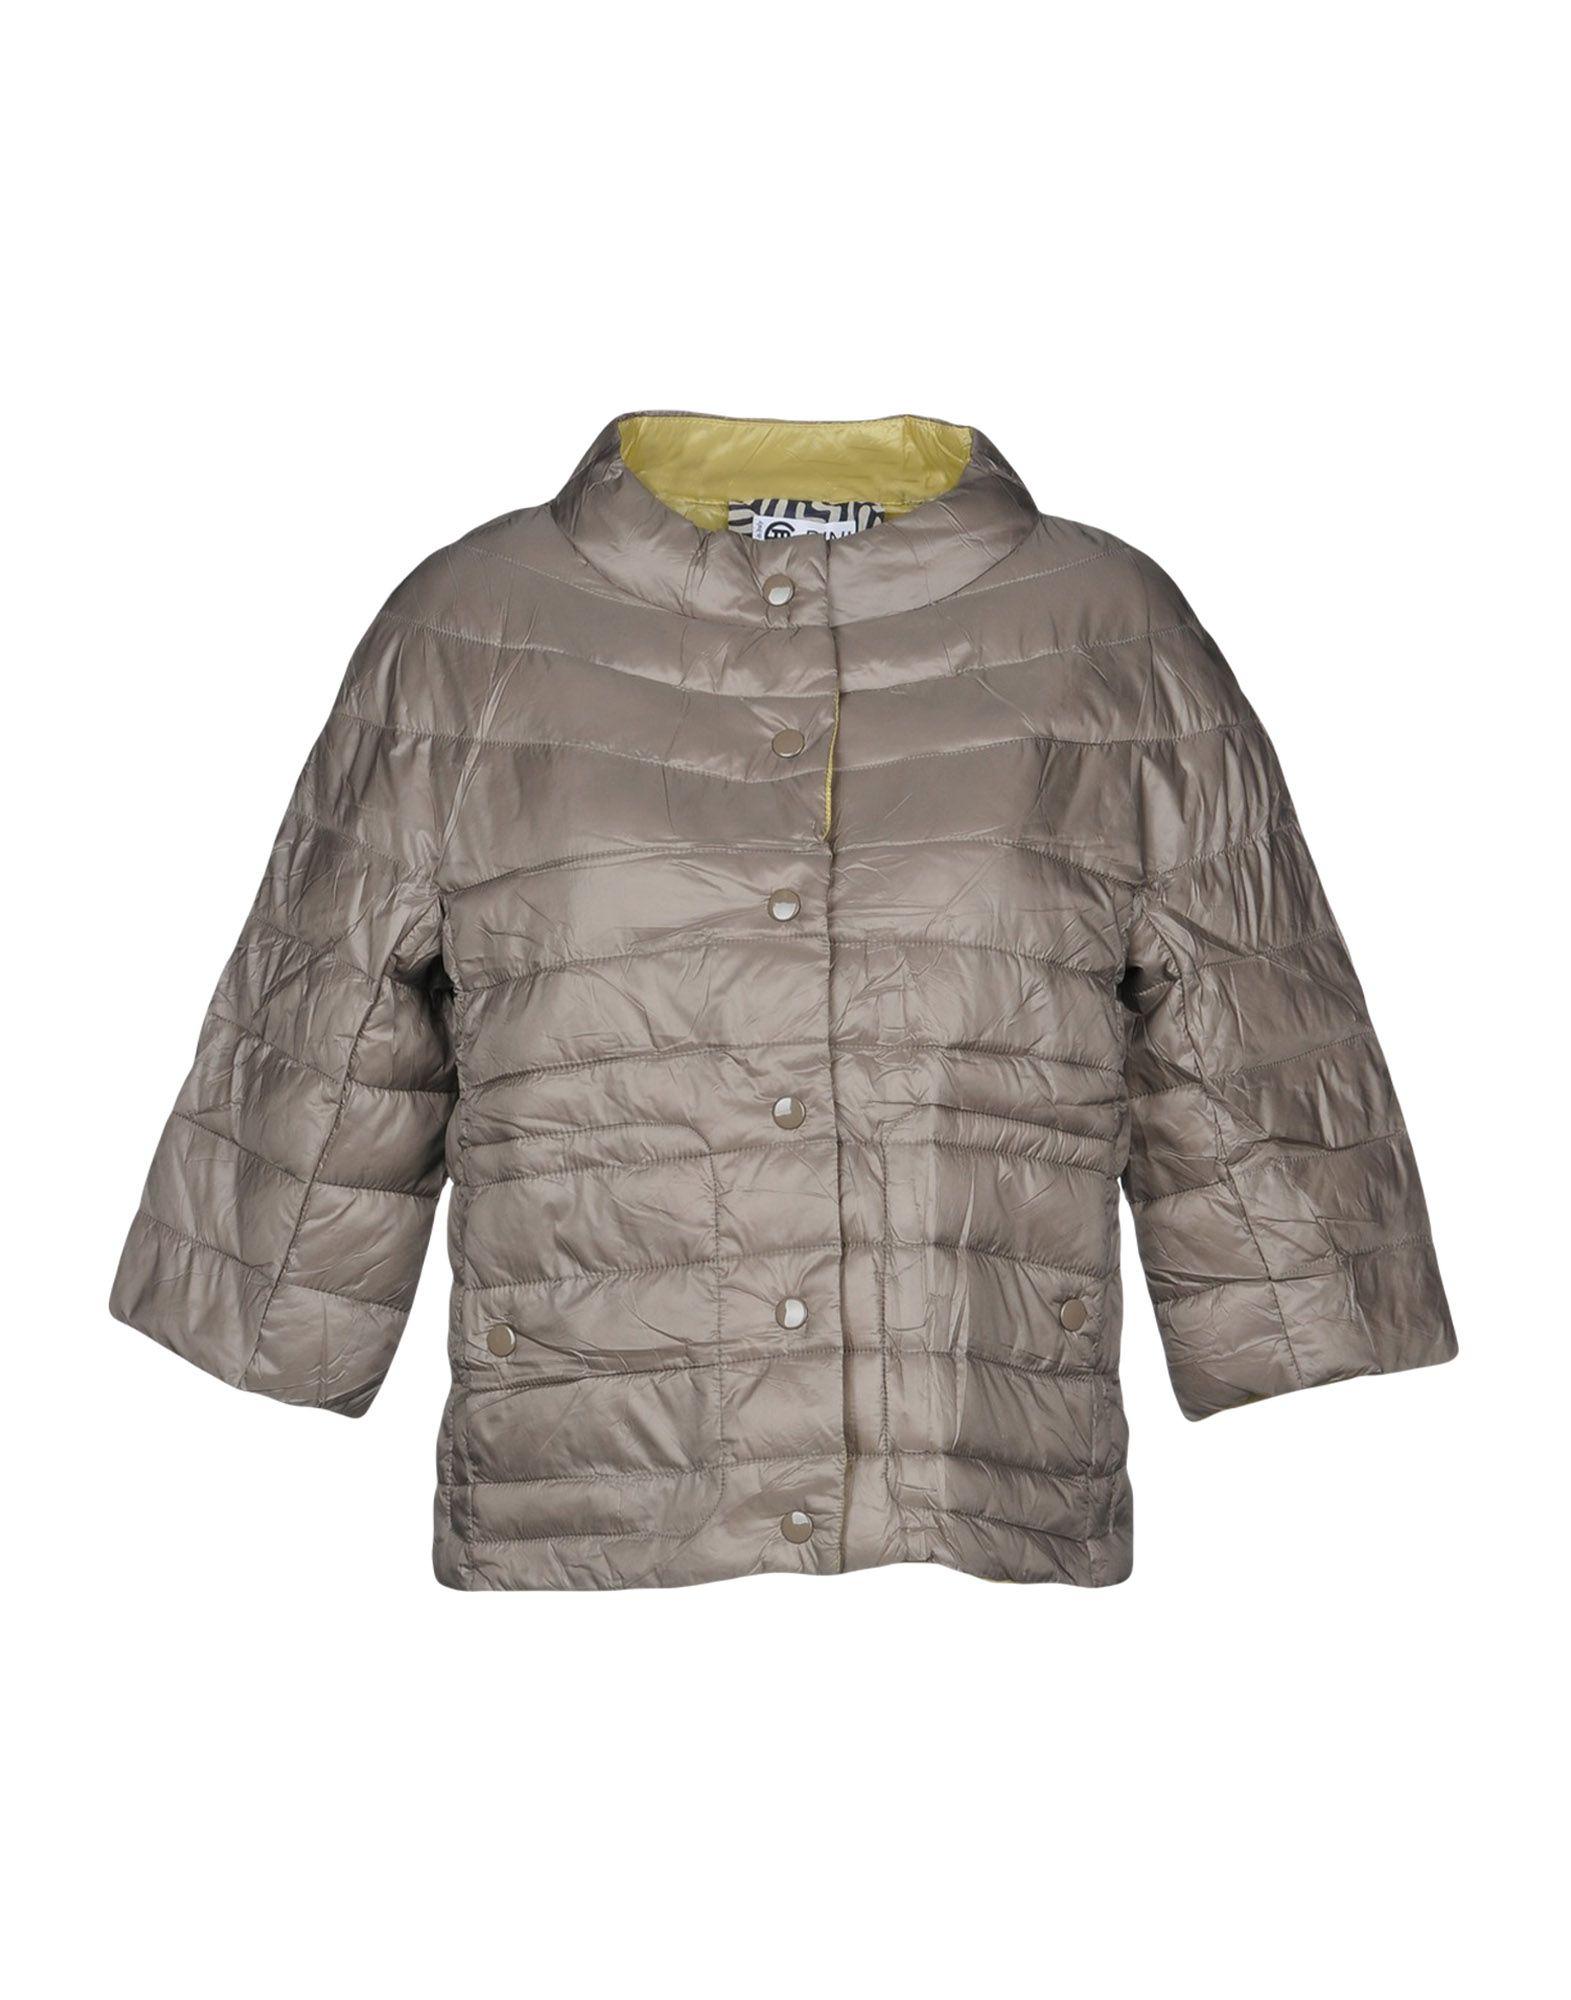 《送料無料》BINI Como レディース 合成繊維中綿アウター ドーブグレー XS ナイロン 100%